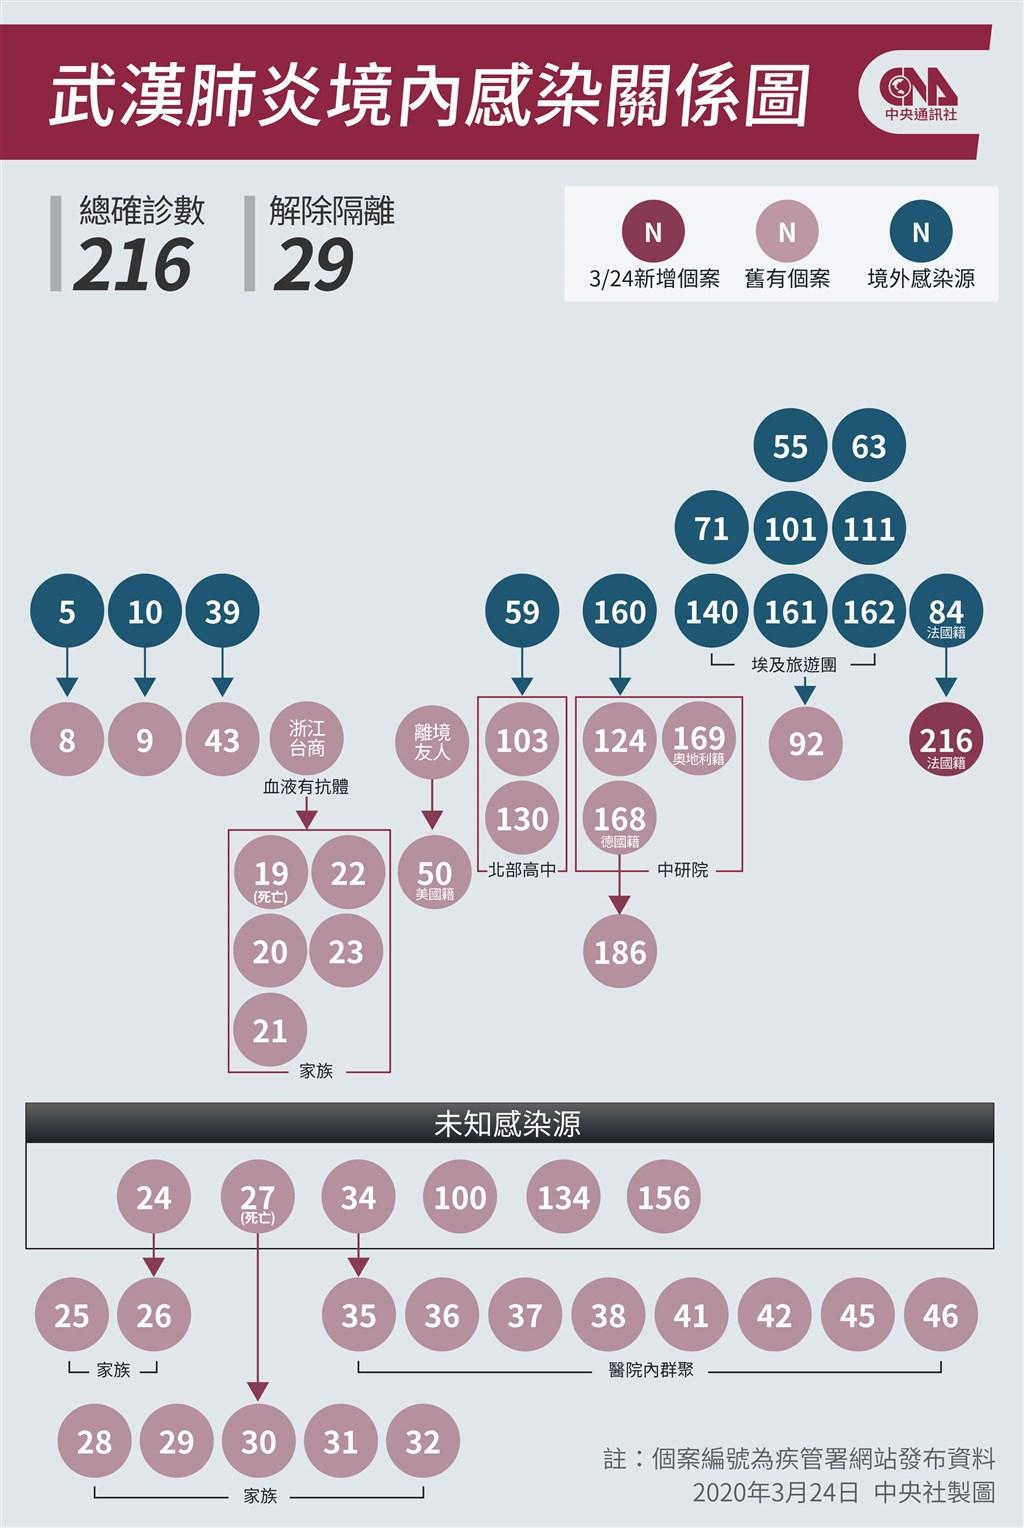 疫情指揮中心24日晚間宣布新增1例武漢肺炎的本土確診個案216,原列為案84的接觸者,為一起境外移入引起的本土個案。(中央社製圖)